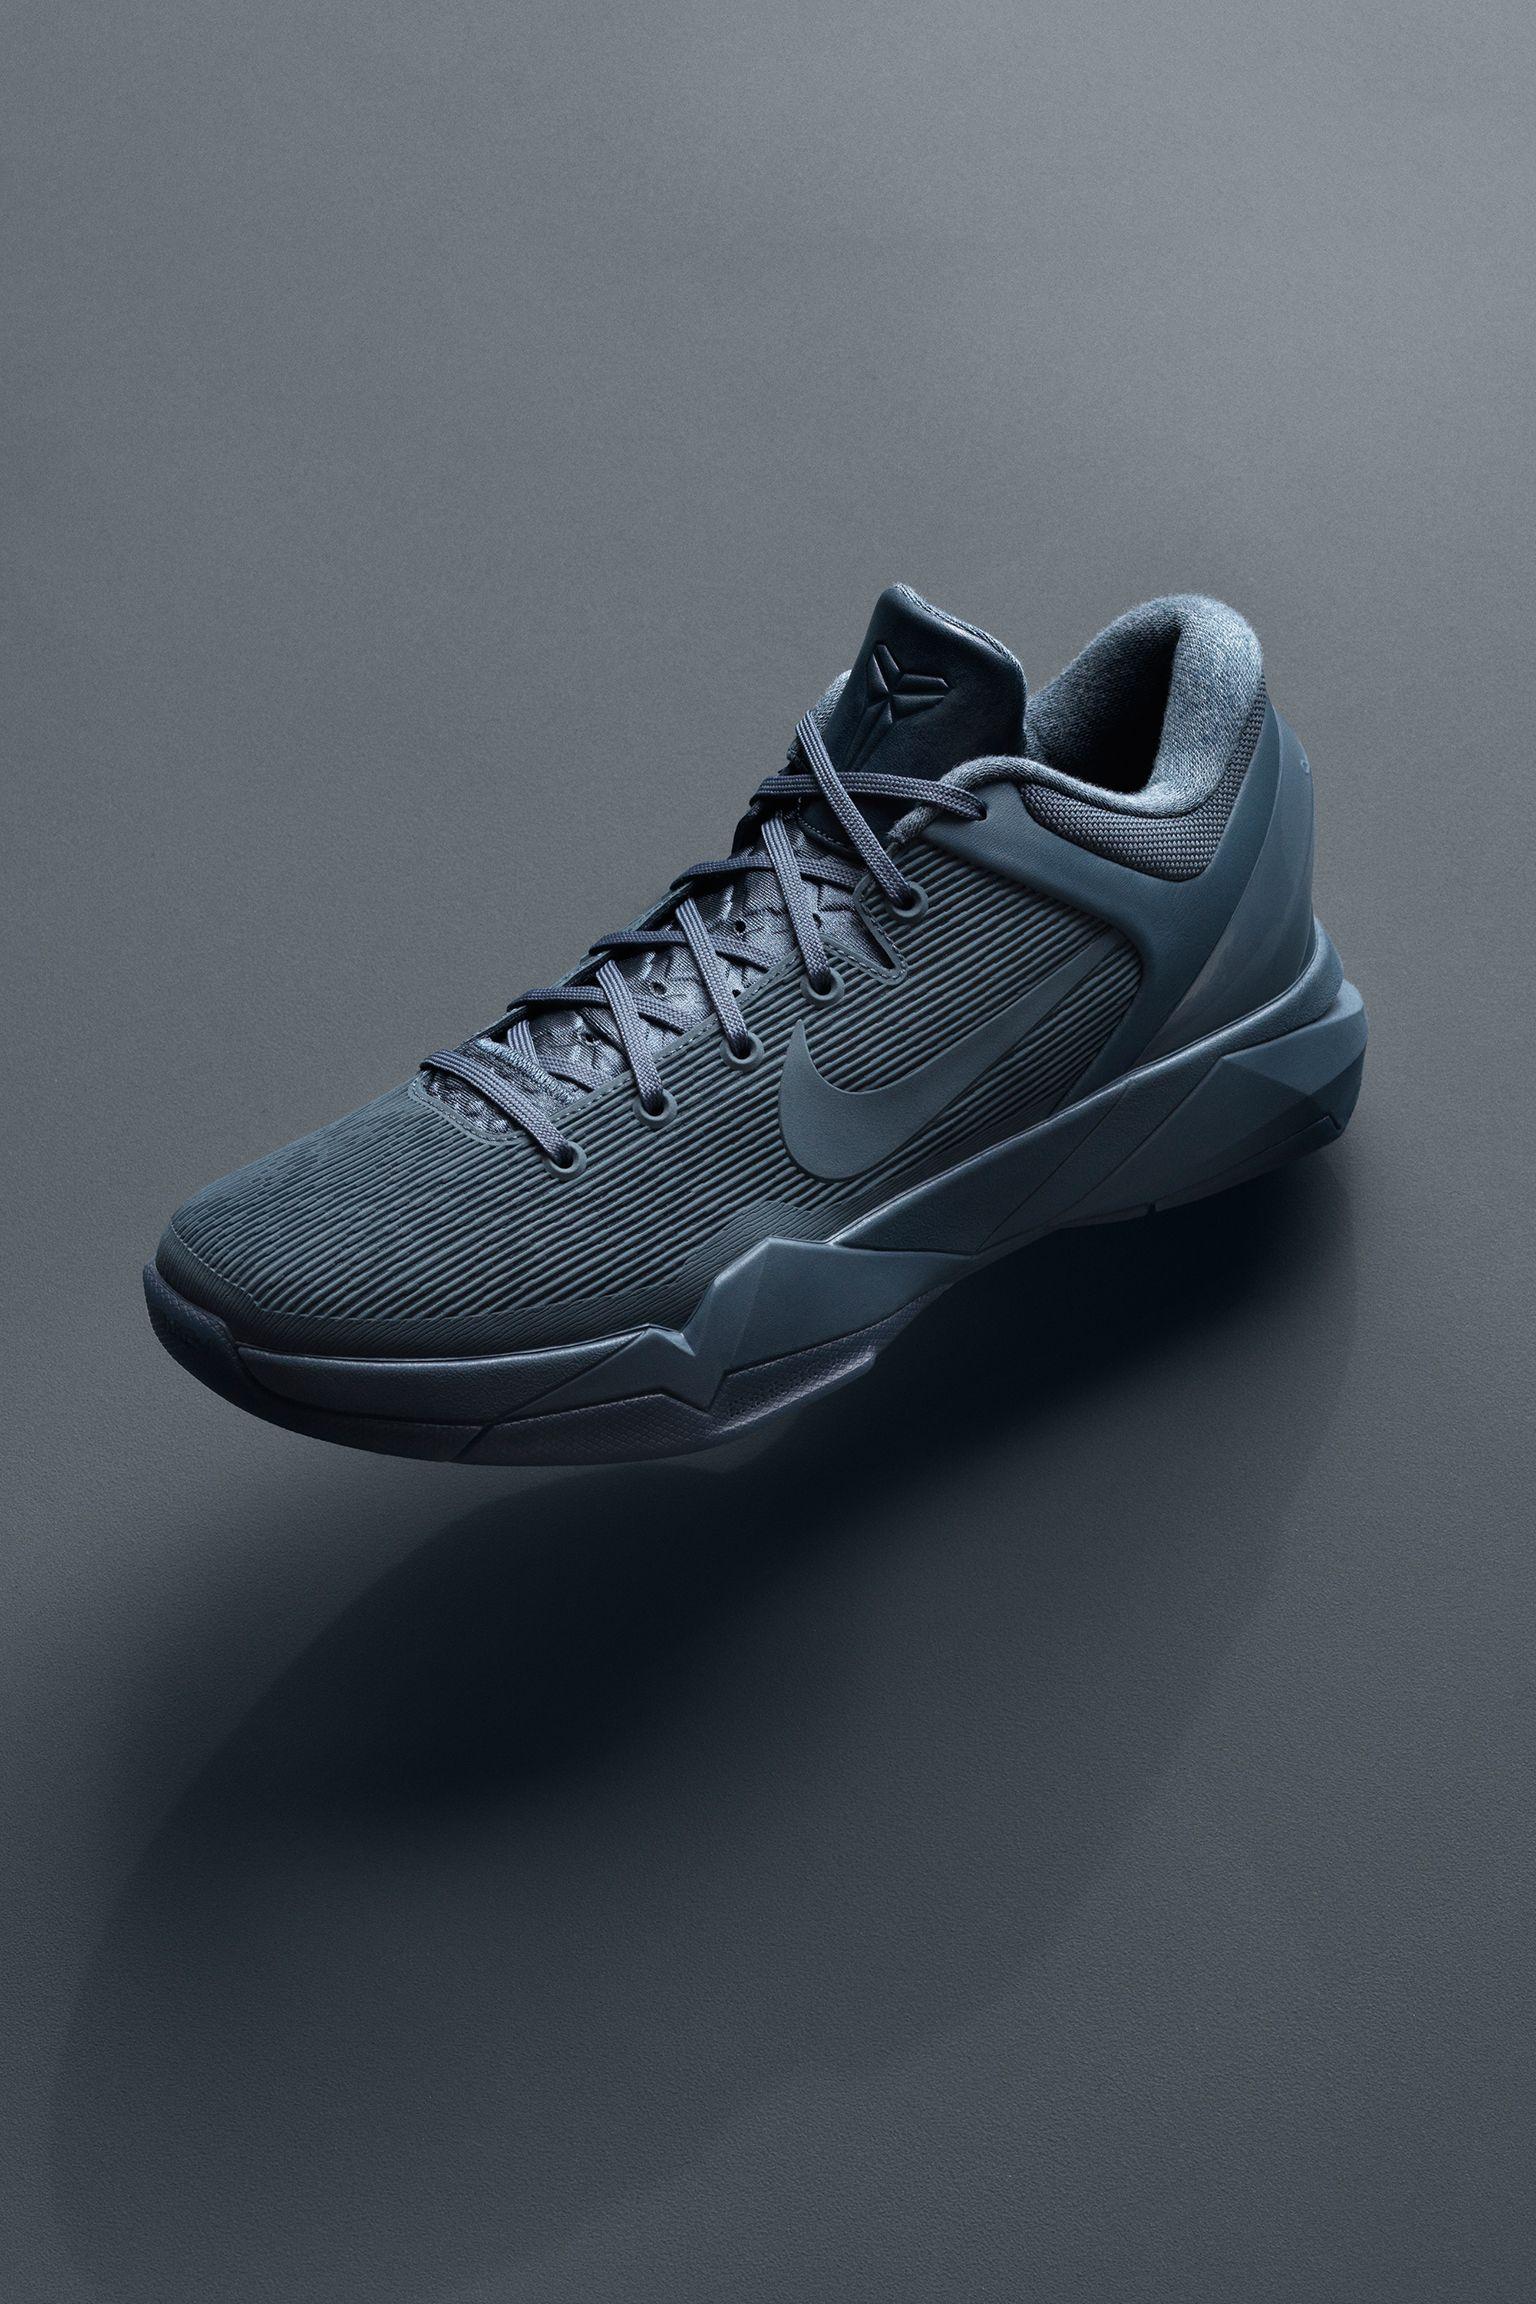 Nike Kobe 7 'Black Mamba' Release Date